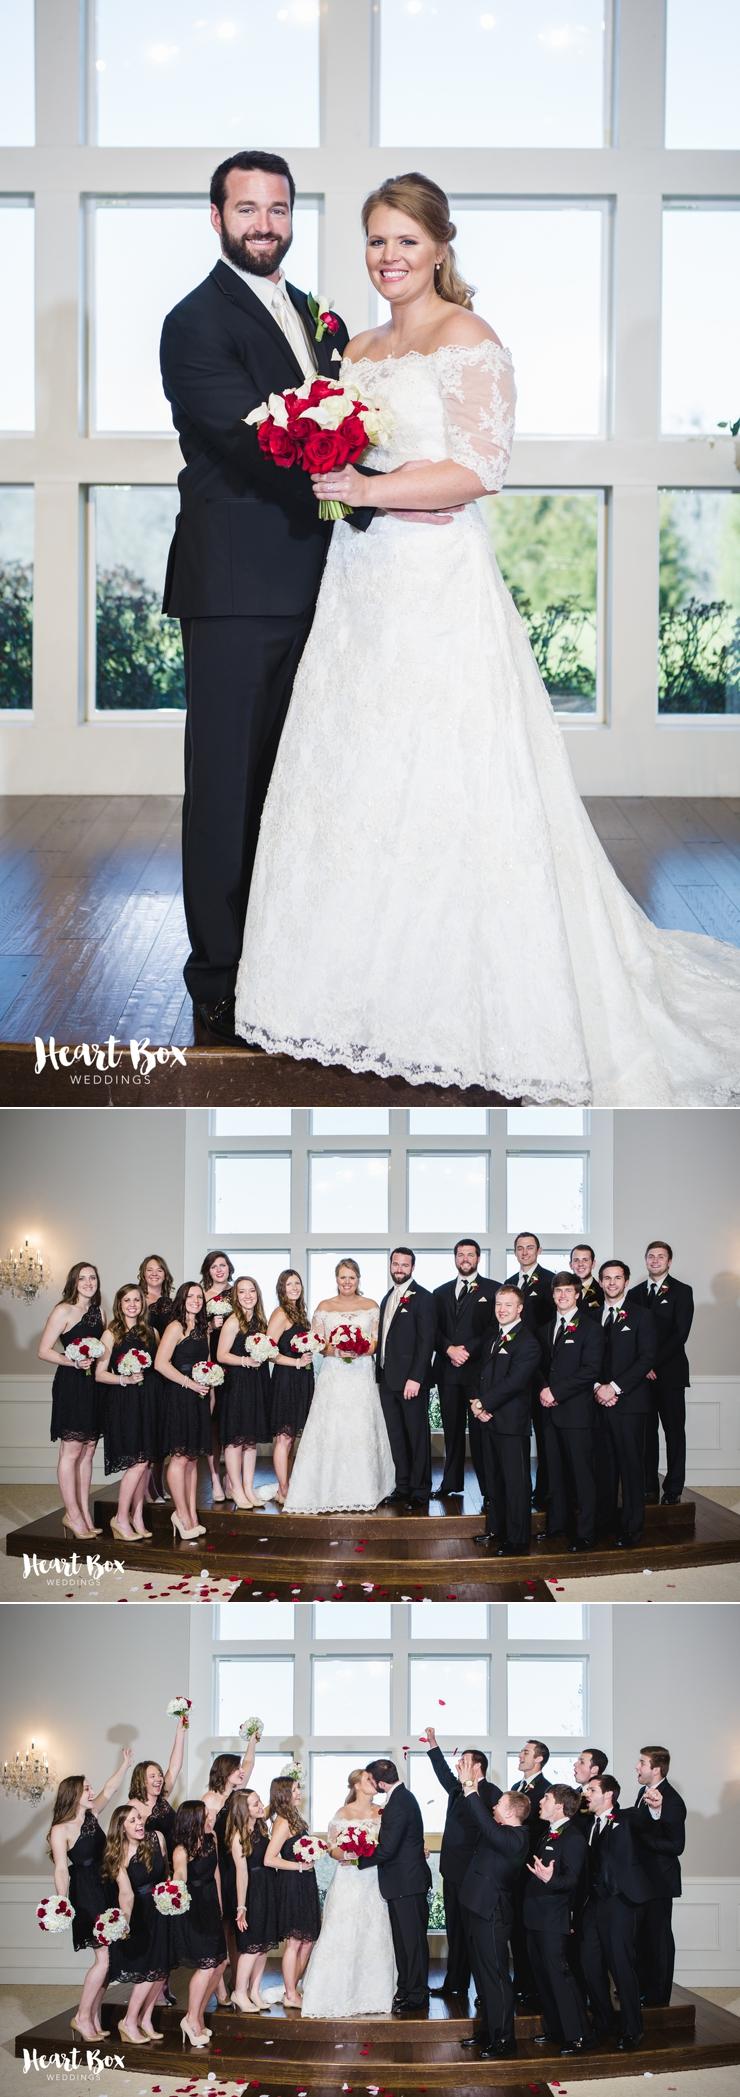 Vanderpool Wedding - Blog Collages 8.jpg